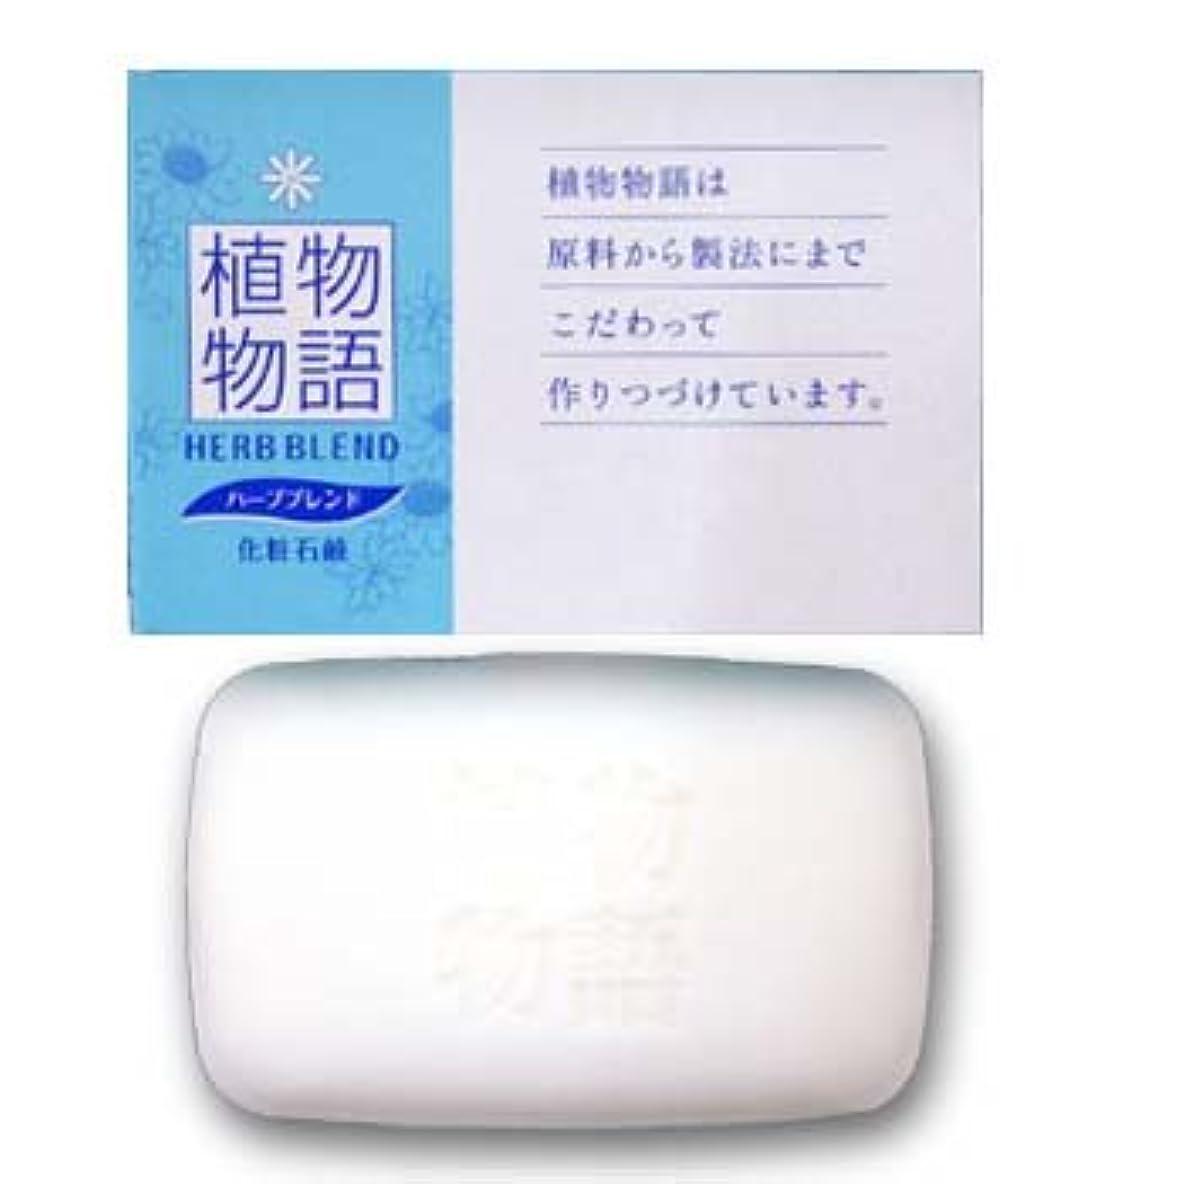 潤滑する成分反抗LION 植物物語石鹸80g化粧箱入(1セット100個入)